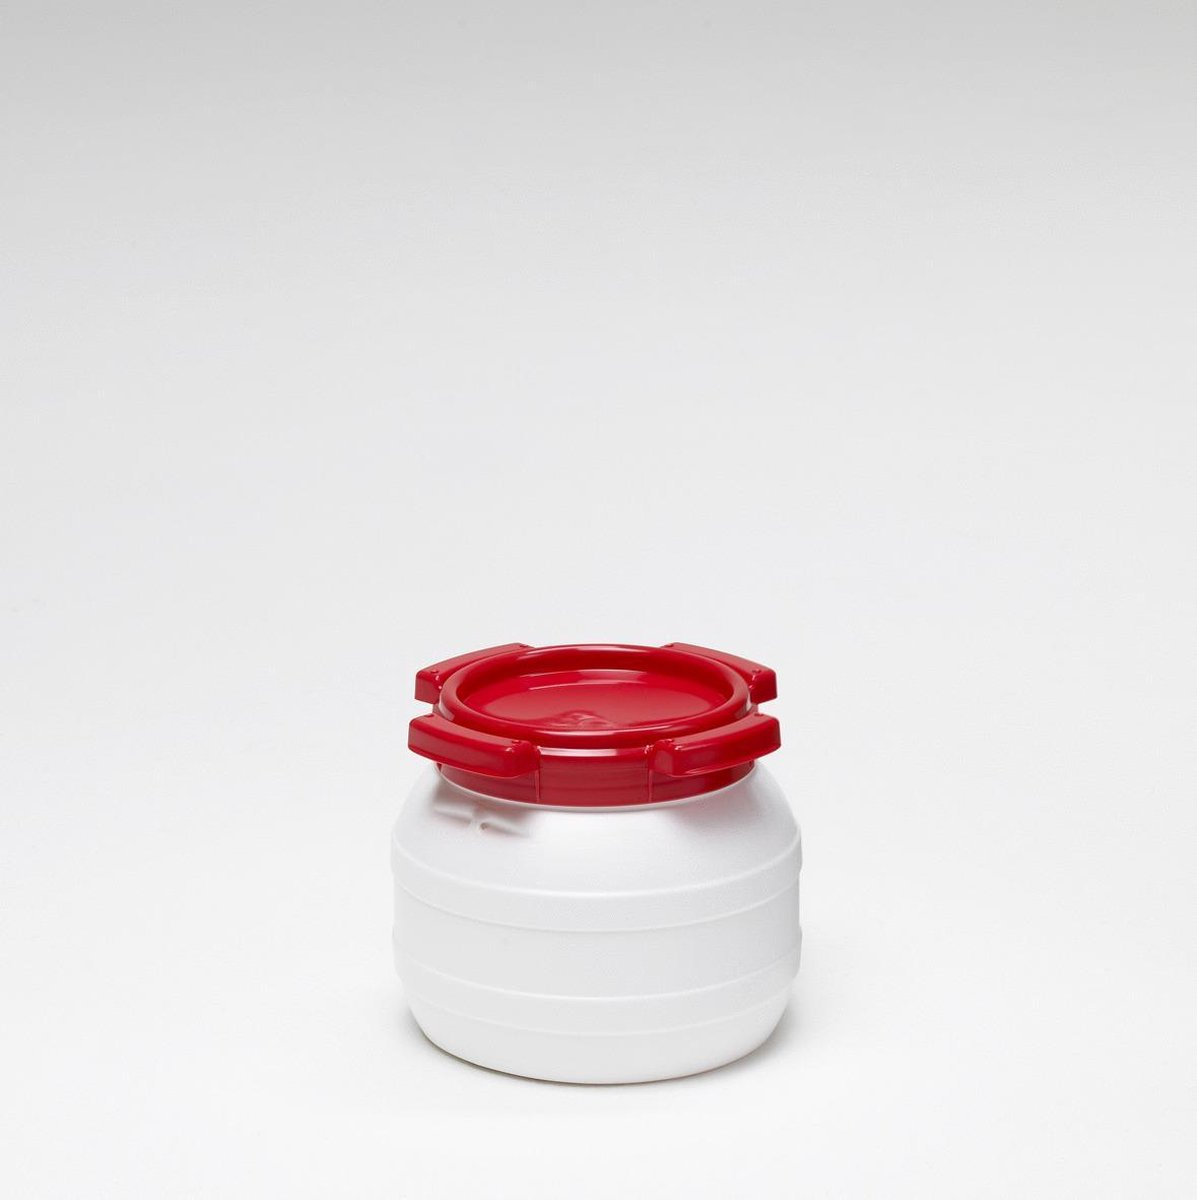 Waterkluisje 3,6 Liter - Water- En Luchtdicht - Wit/rood